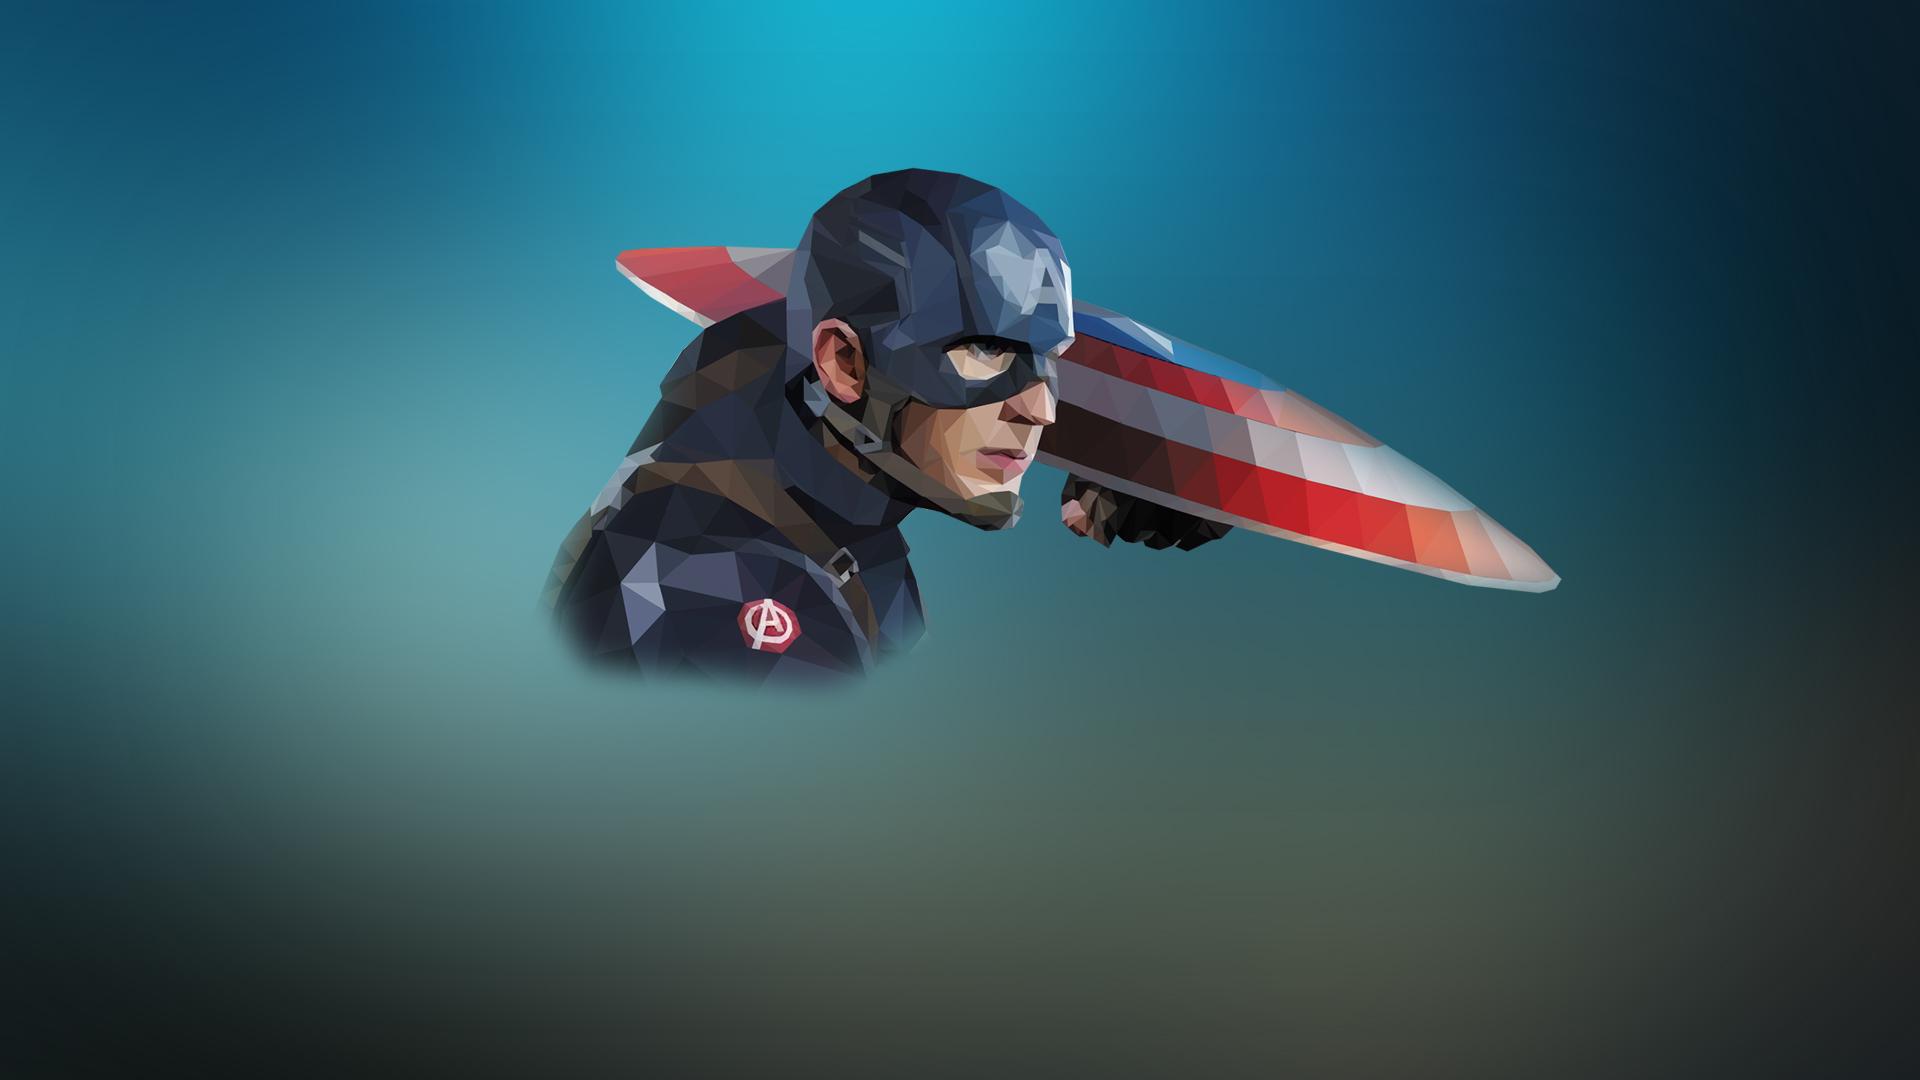 Download 1920x1080 Wallpaper Low Poly Artwork Captain America Full